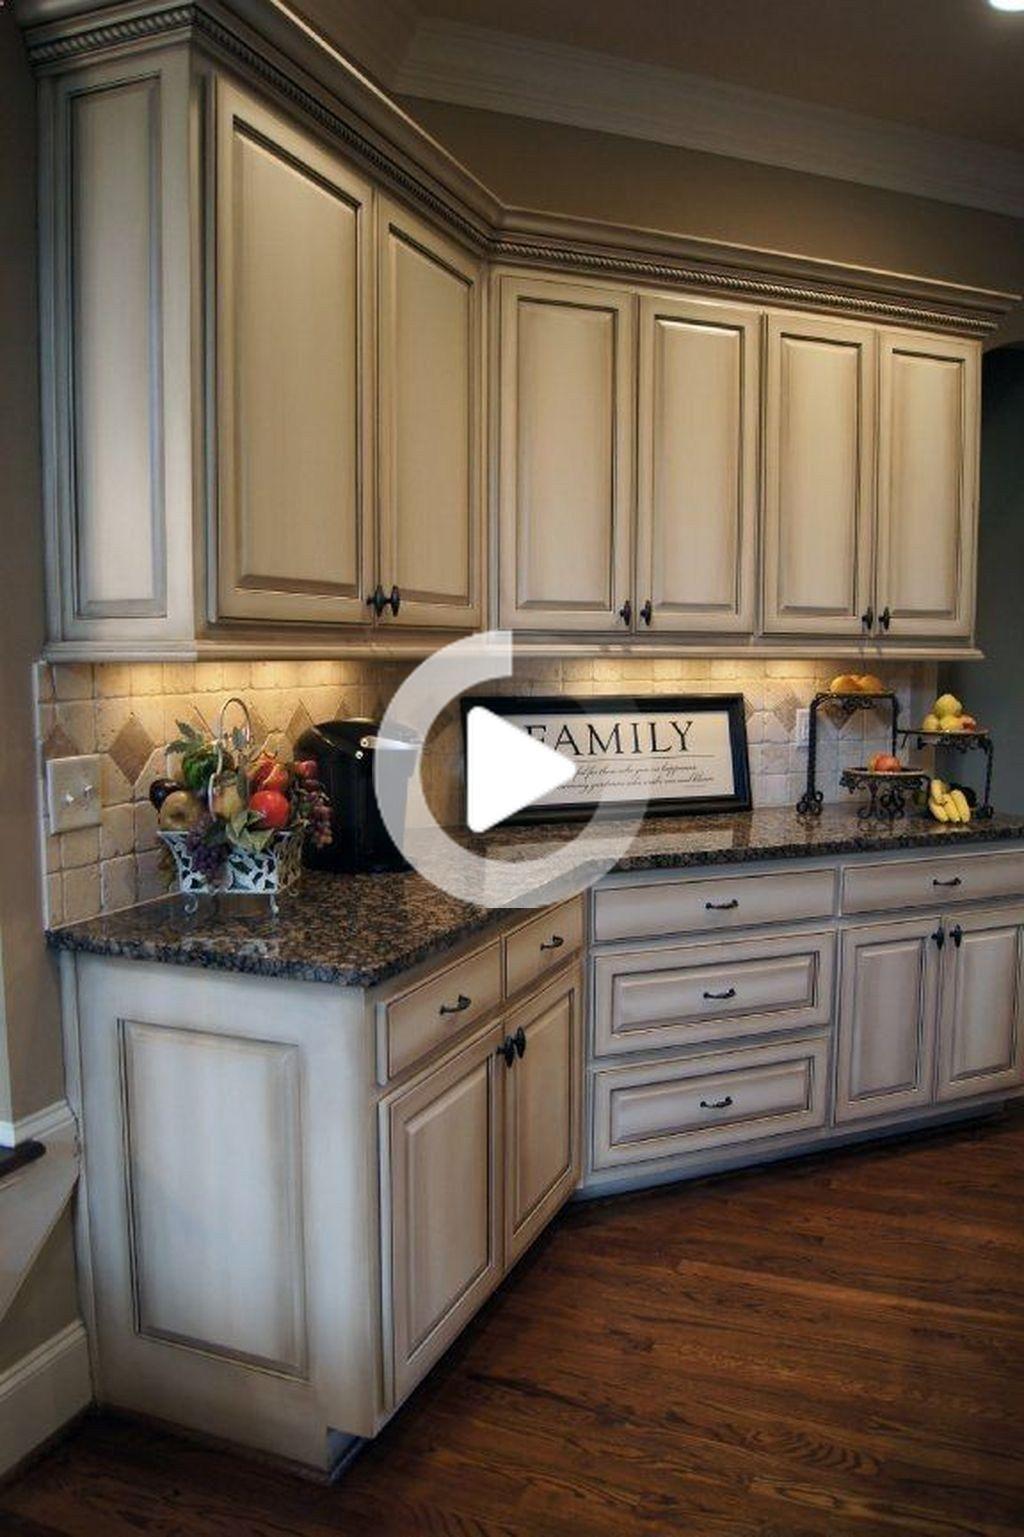 46 Incredibili Mobili Da Cucina Dipinte Amazing Cabinets Farmhousekitchencabinets Kitchen In 2020 Rustic Kitchen Cabinets Best Kitchen Cabinets Rustic Kitchen